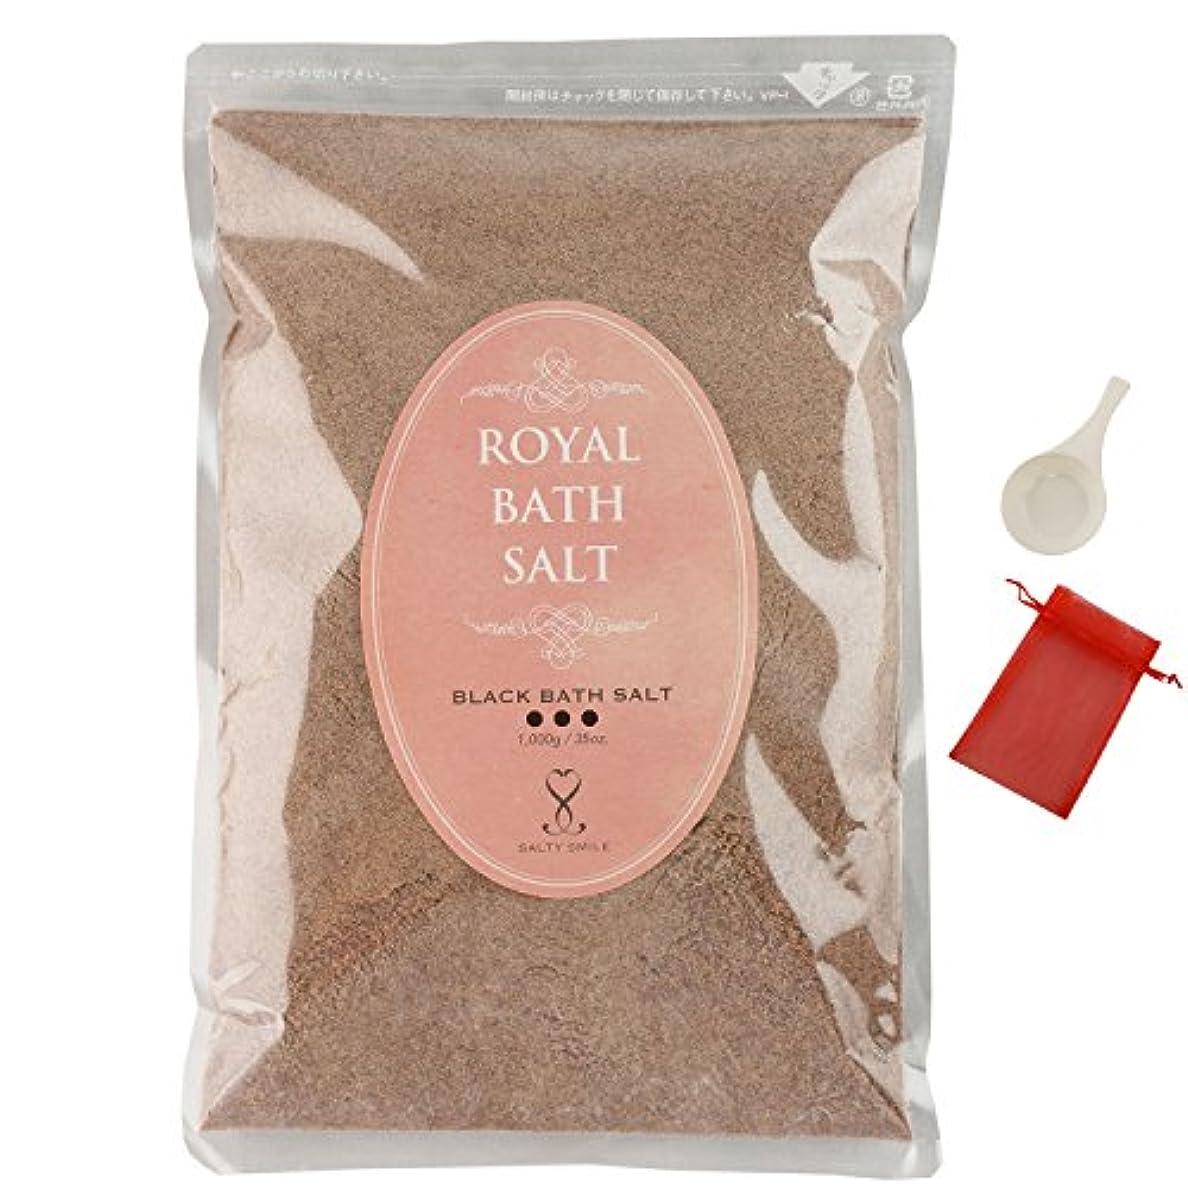 鍔あらゆる種類の壮大ロイヤルバスソルト ブラックパウダー 岩塩 ROYAL BATH SALT (1,000g【1㎏】)